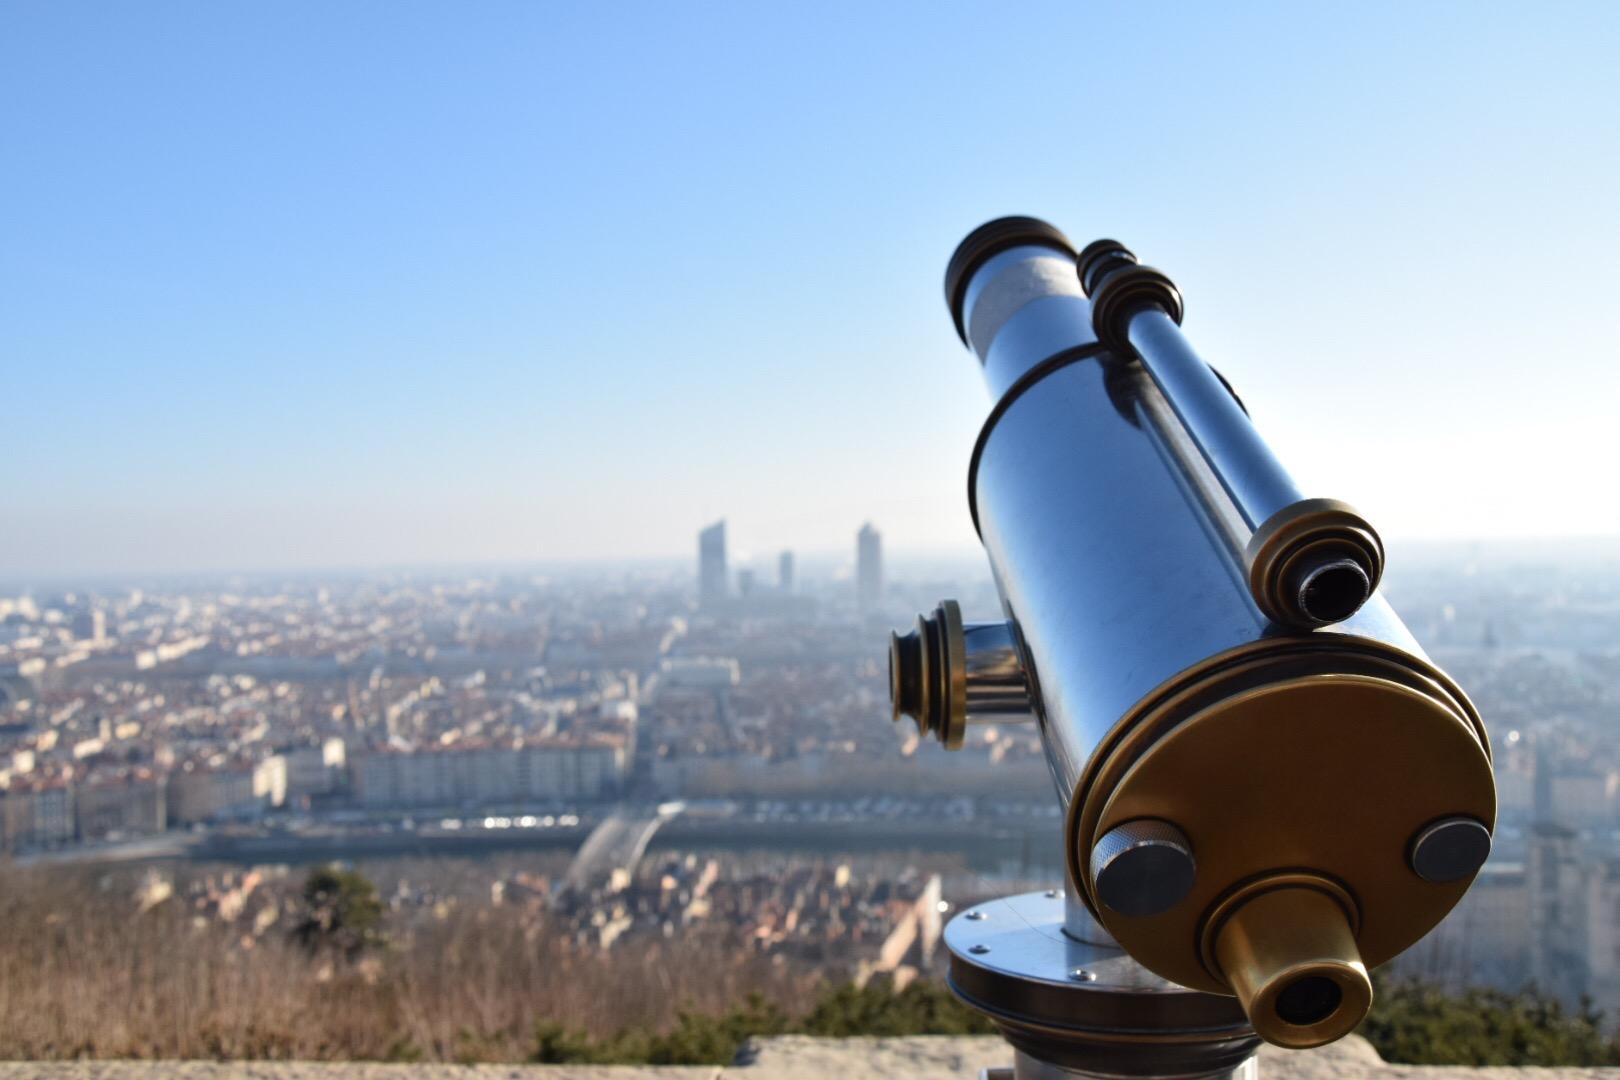 23628b67 Visiter Lyon : 10 incontournables pour une journée idéale┃ MOBILBOARD